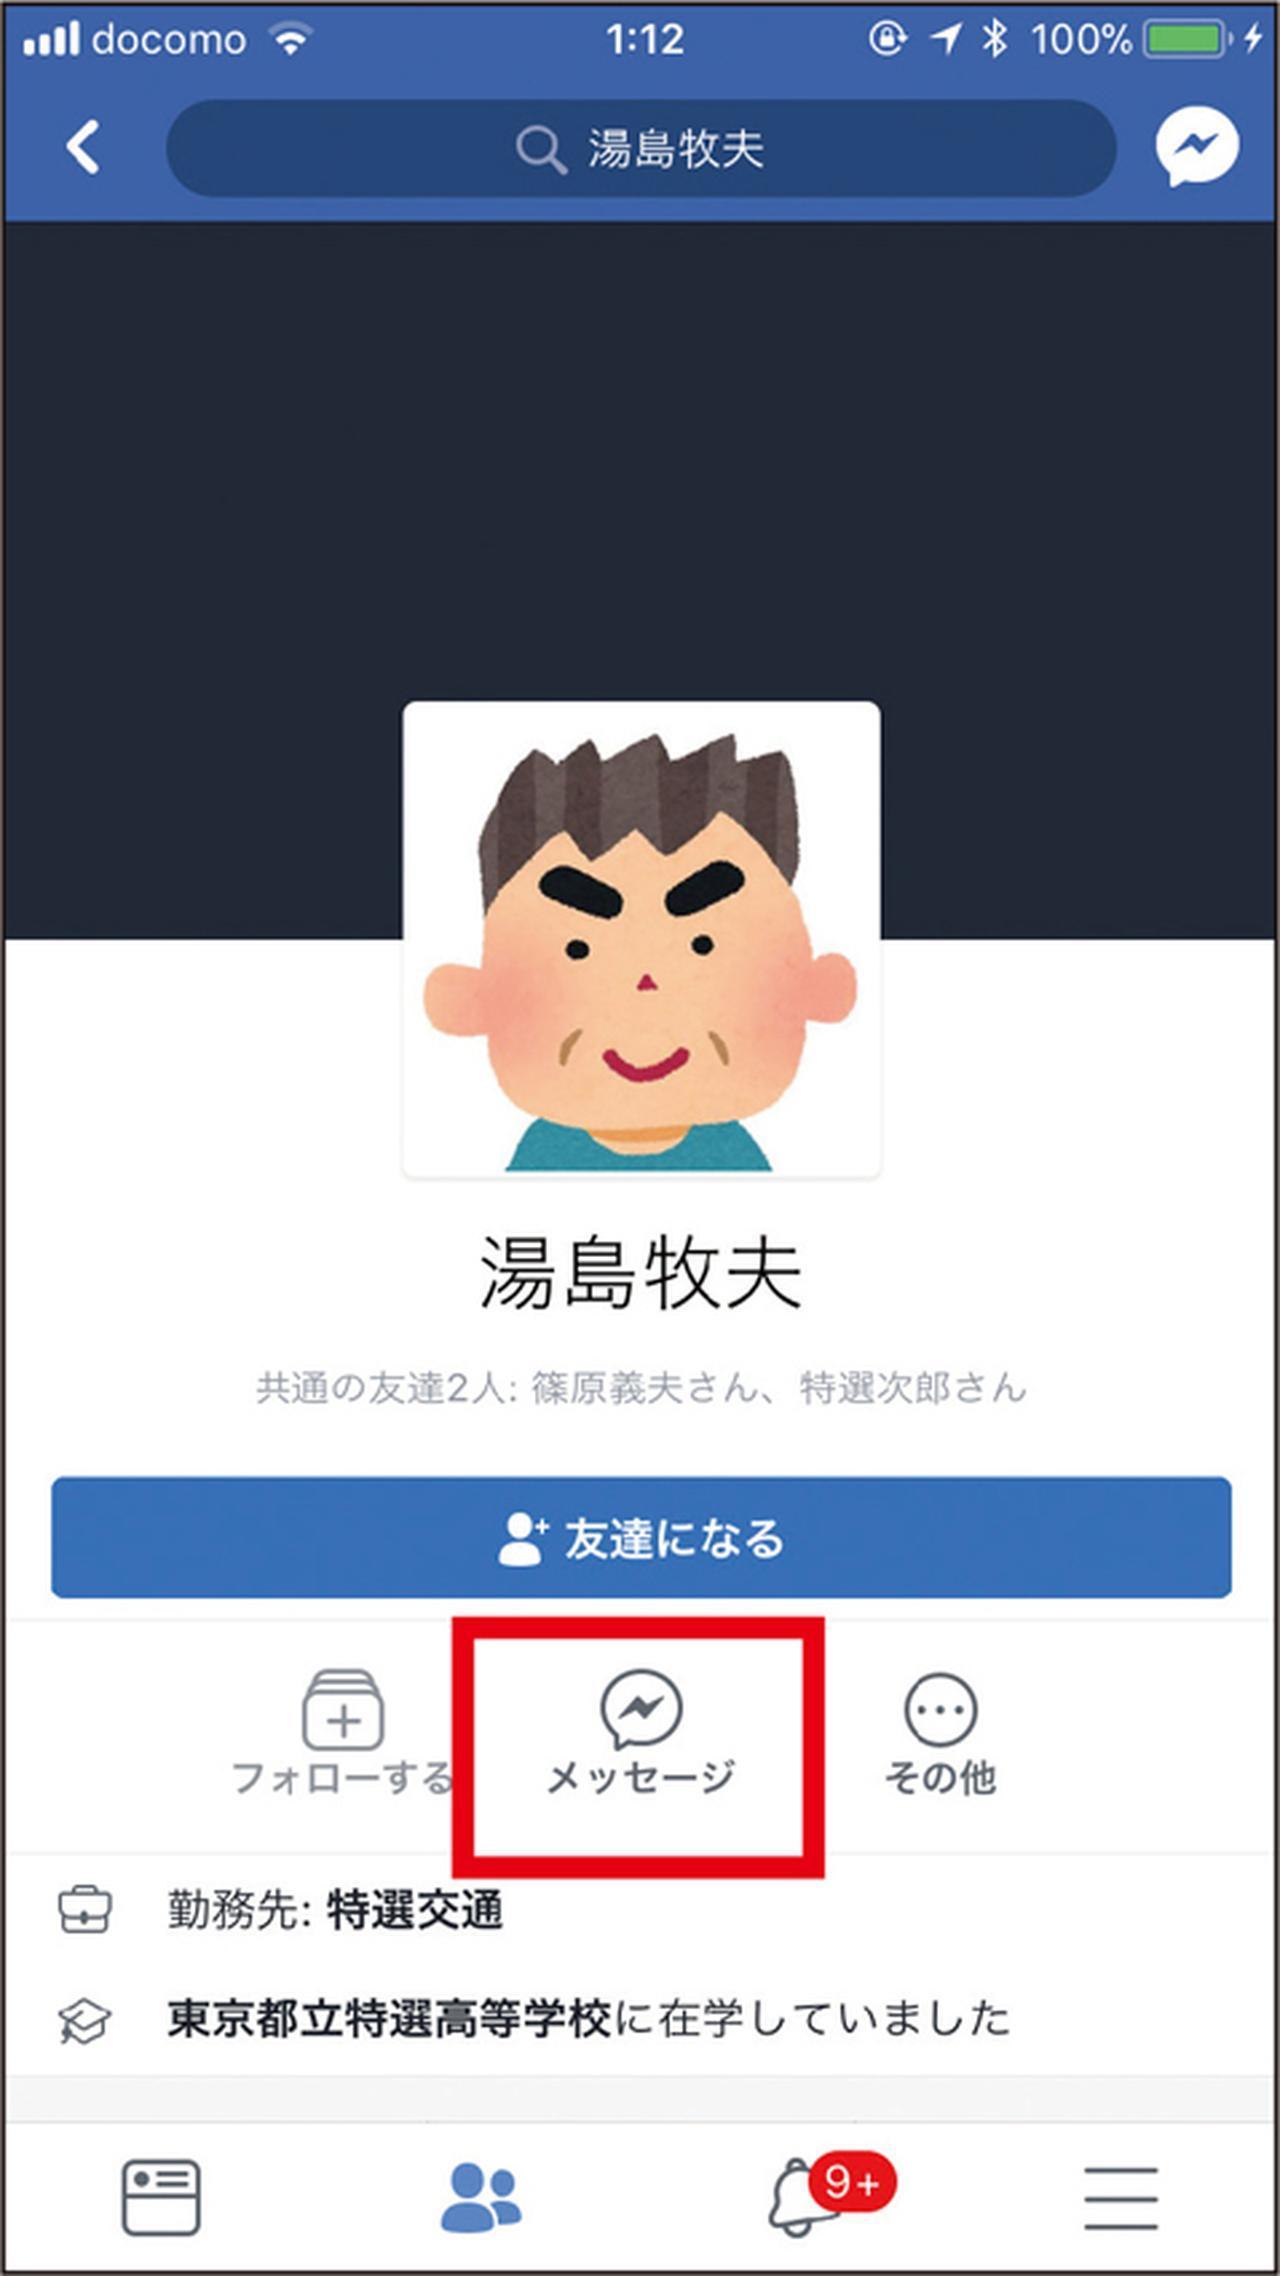 画像: 友達申請前に挨拶を送りたい場合は、プロフィール画面の「メッセージ」をタップして用件を伝えよう。